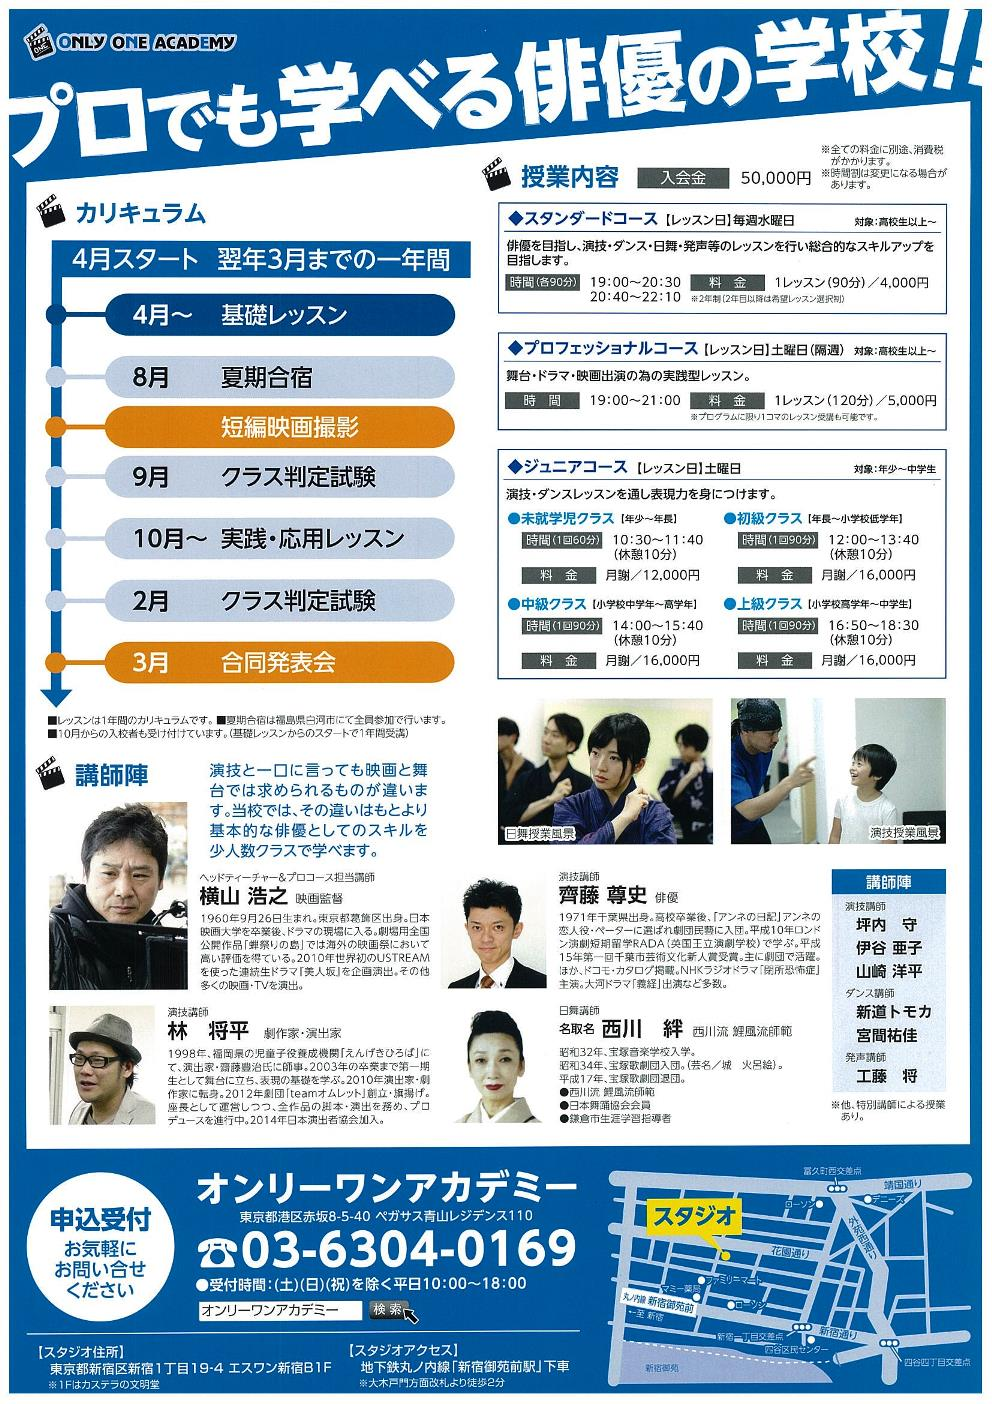 3アカデミー.jpg